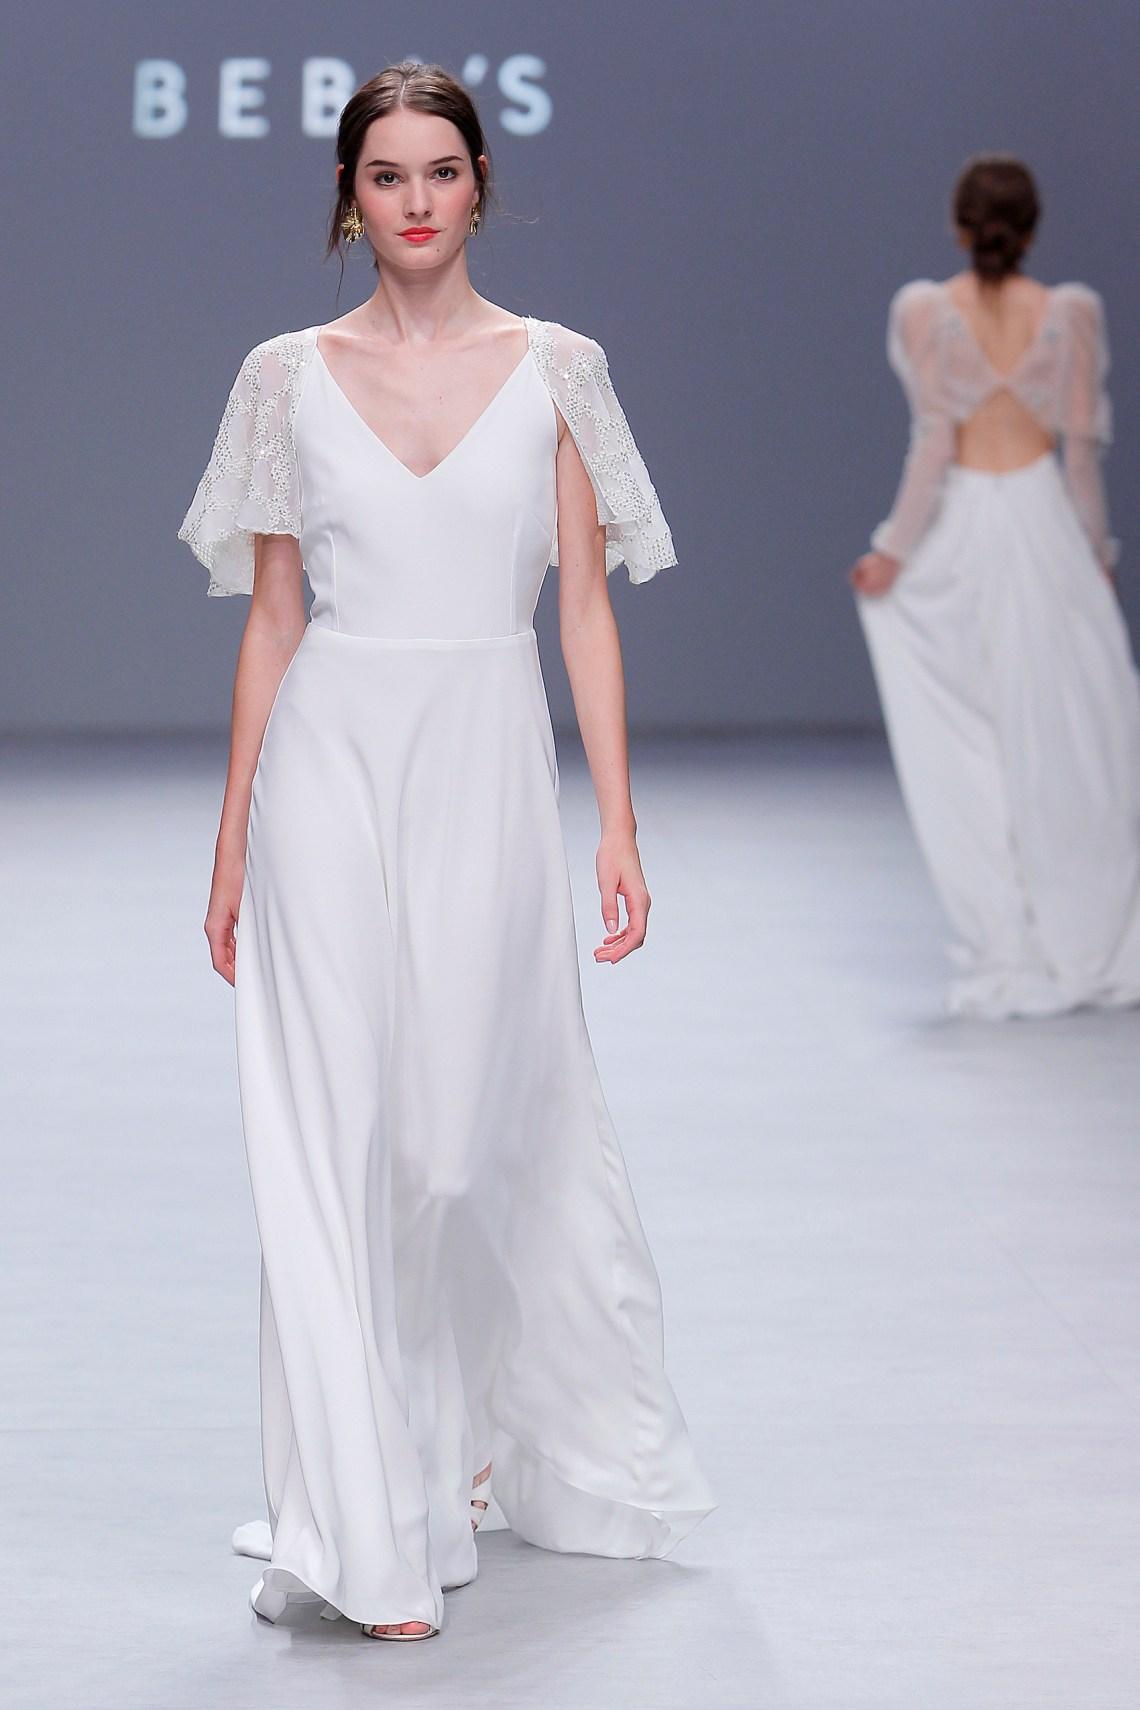 Vestidos de novia Beba's 2020